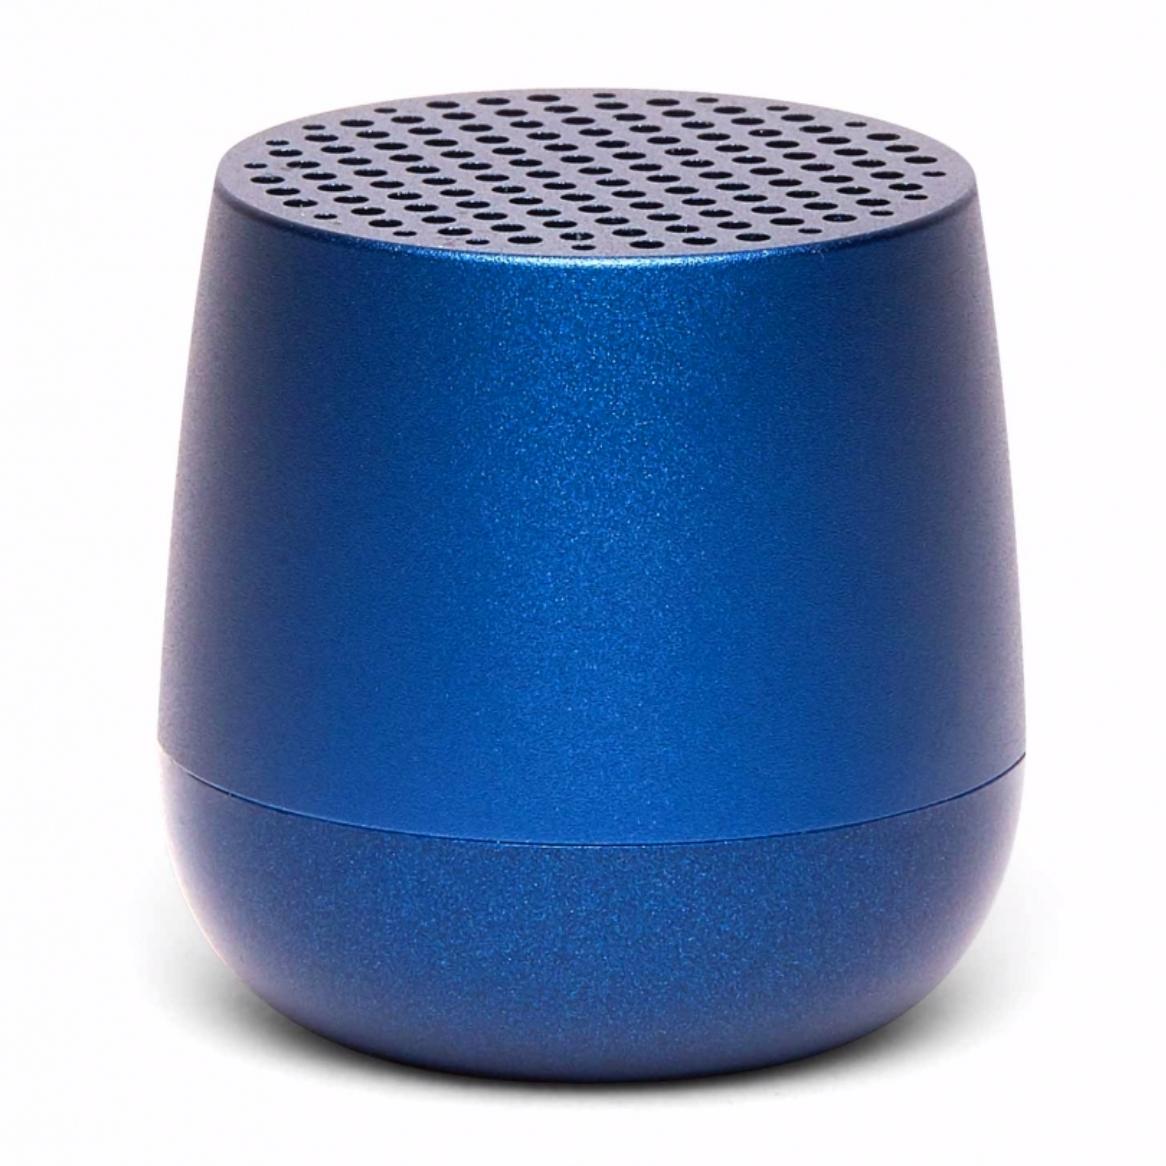 Mino Speaker - Blue